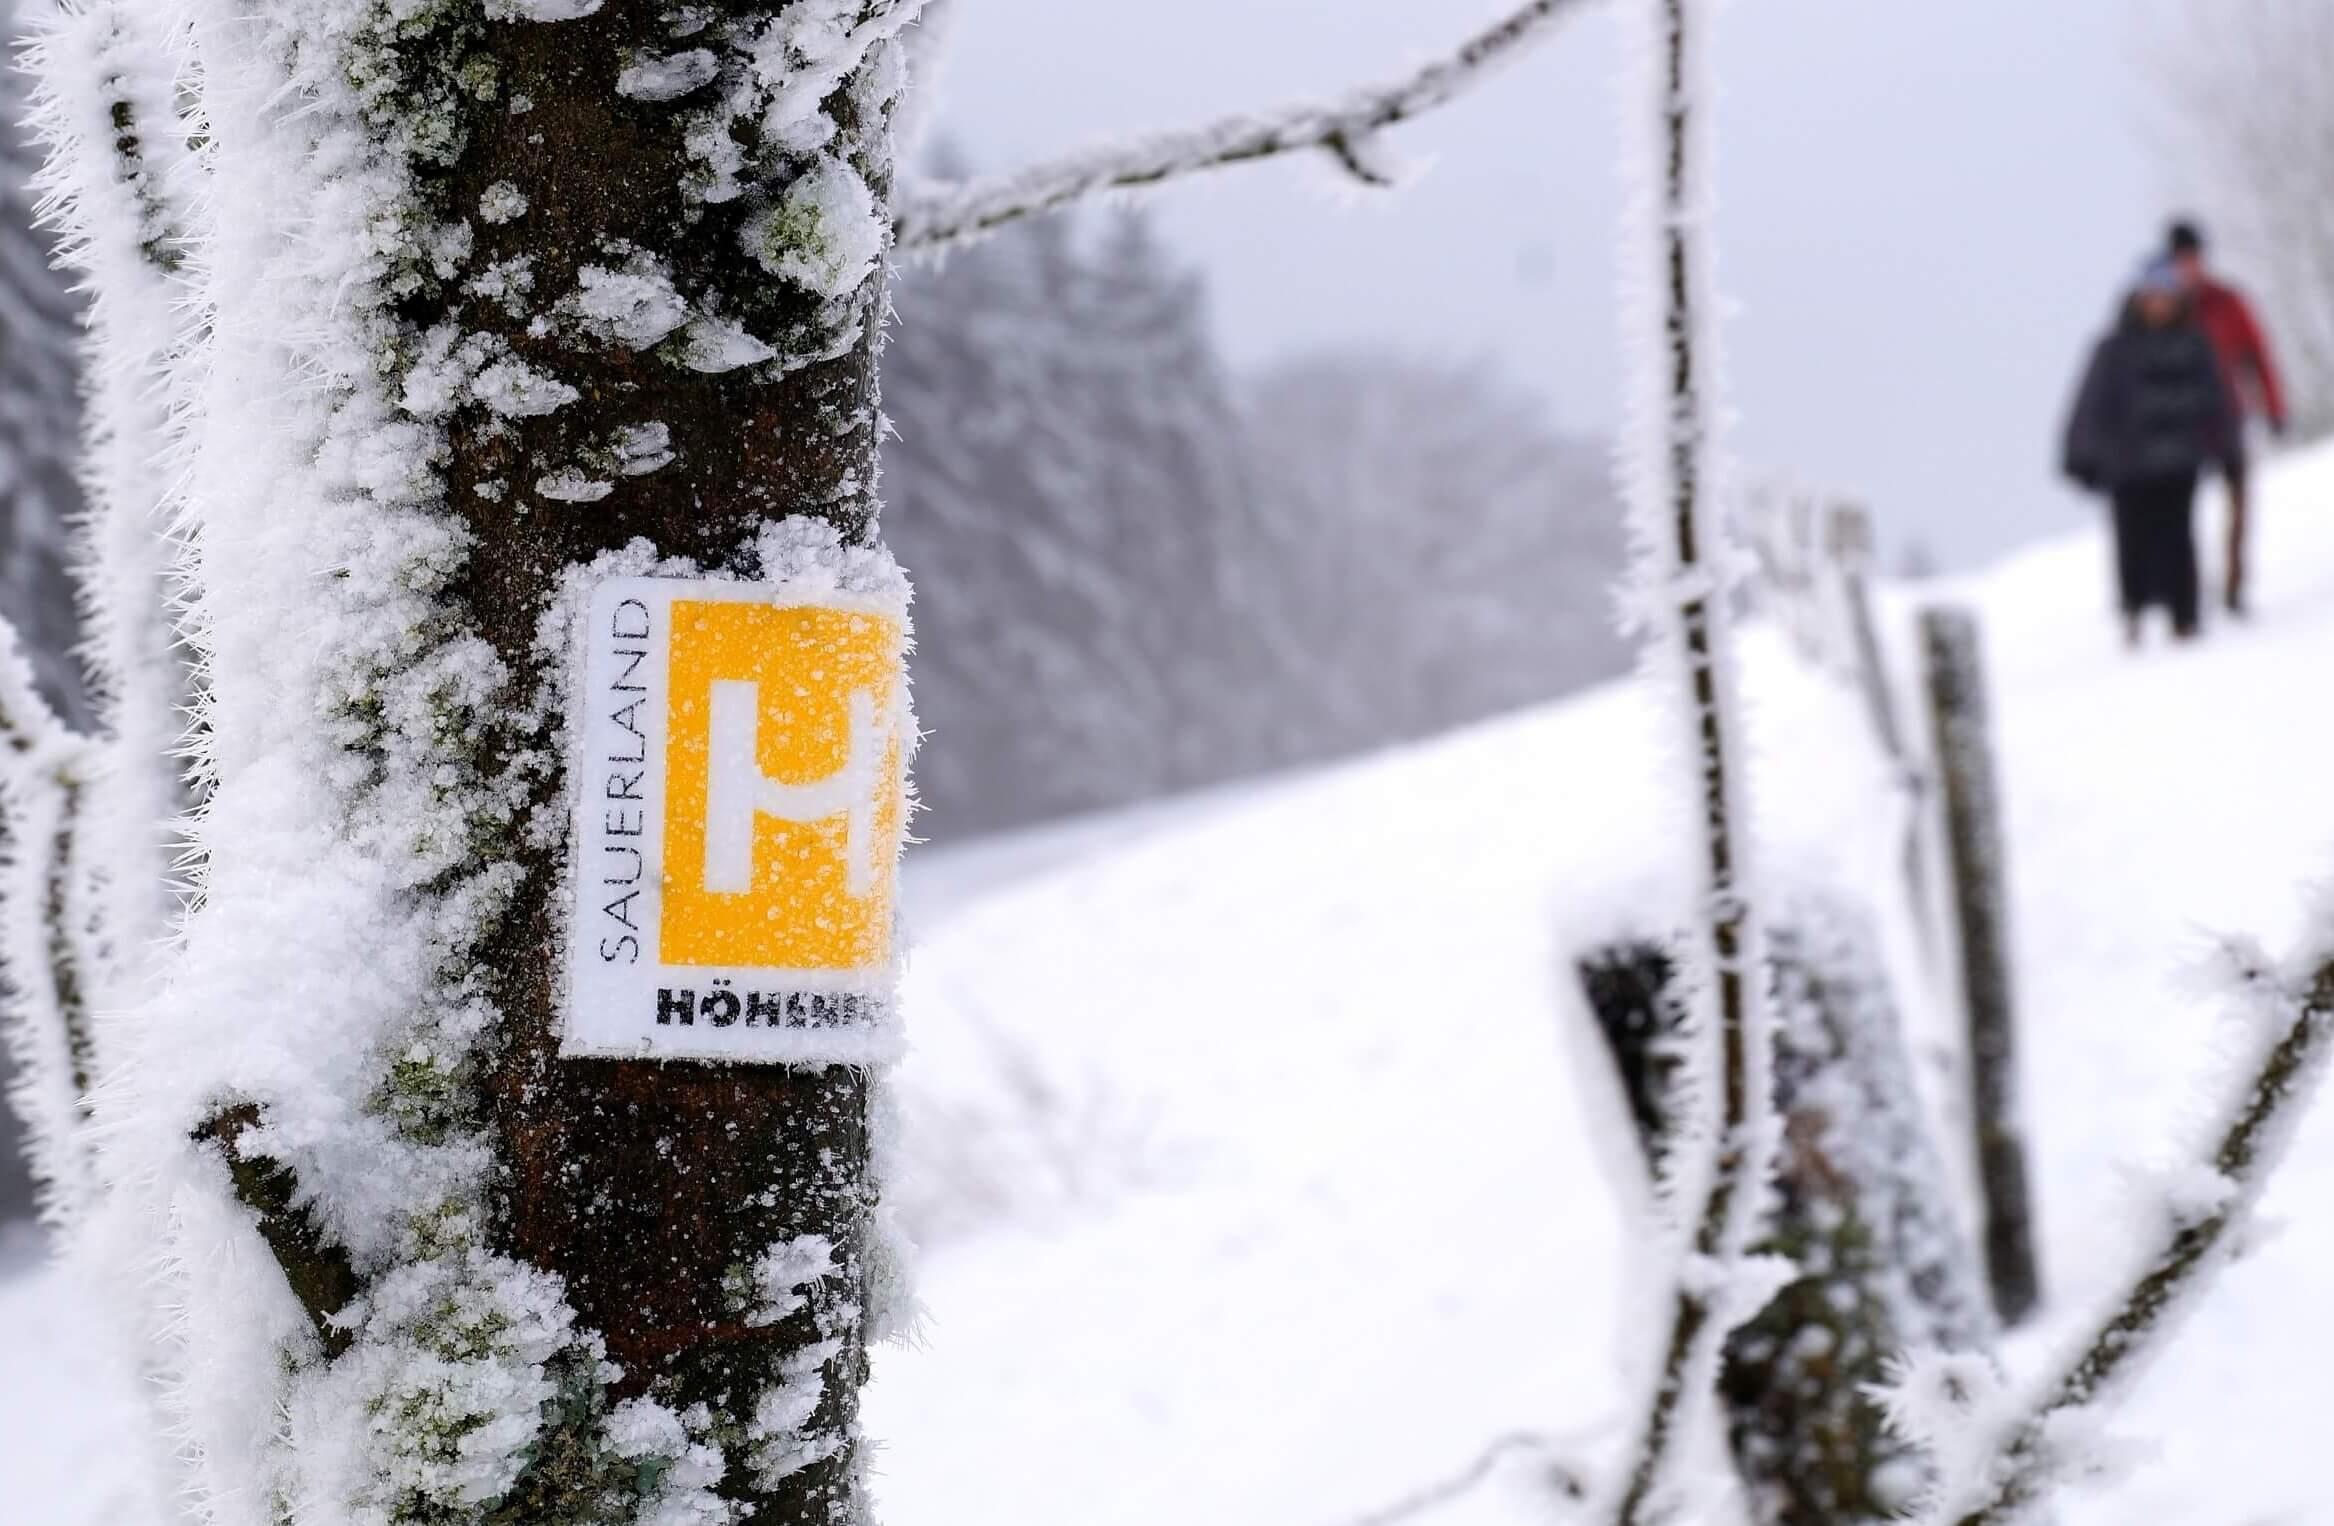 Unterwegs auf dem Sauerländer-Höhenflug im Winter